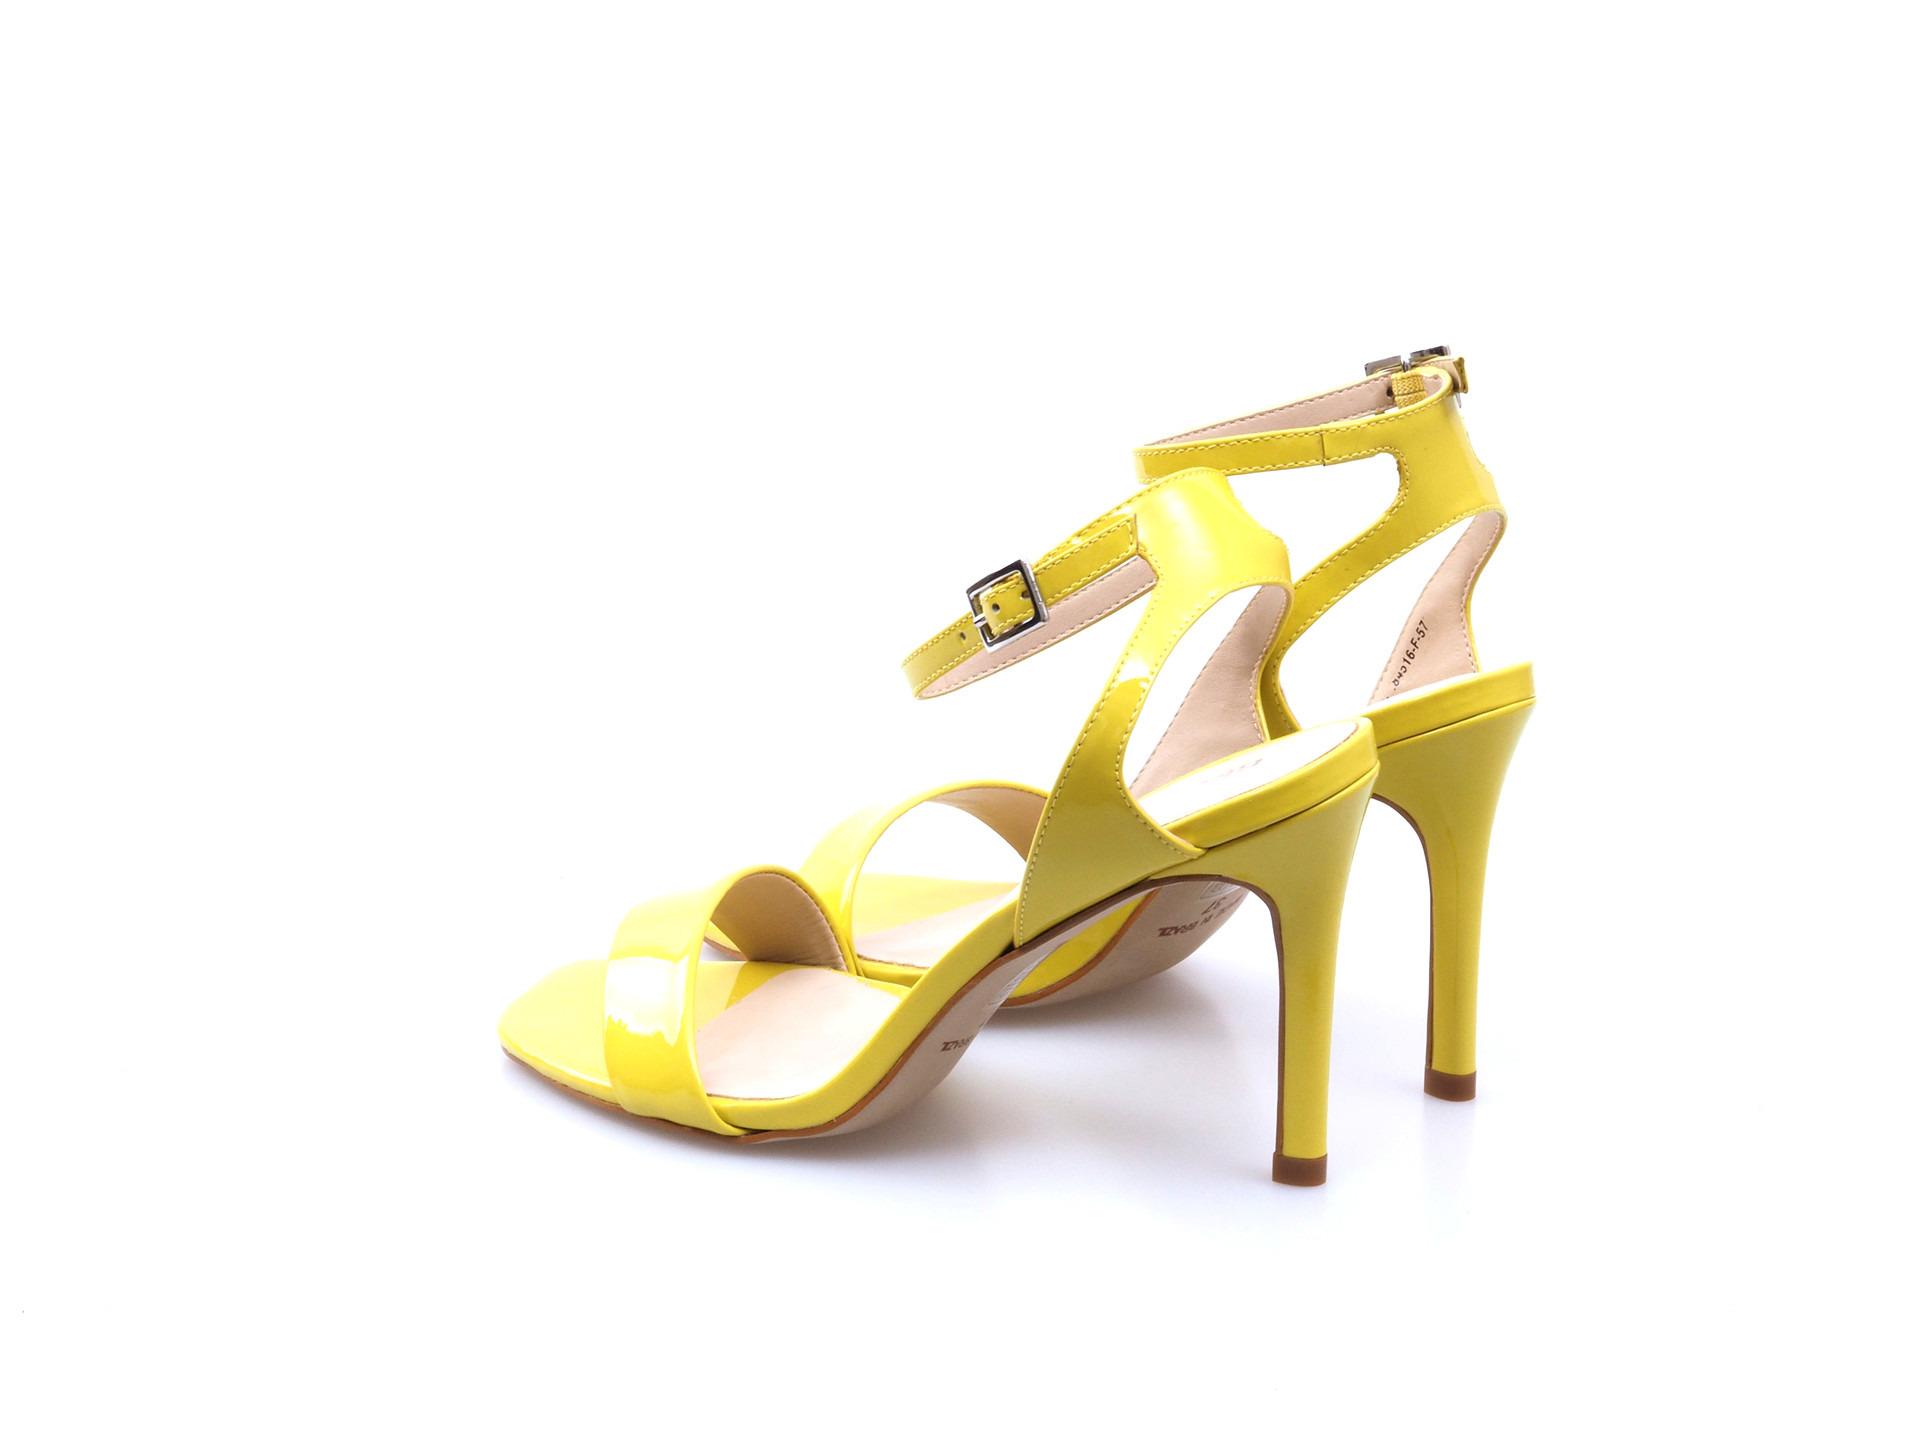 fd15a5ab3a85 Soňa - Dámska obuv - Spoločenská obuv - Bronx dámska spoločenska ...